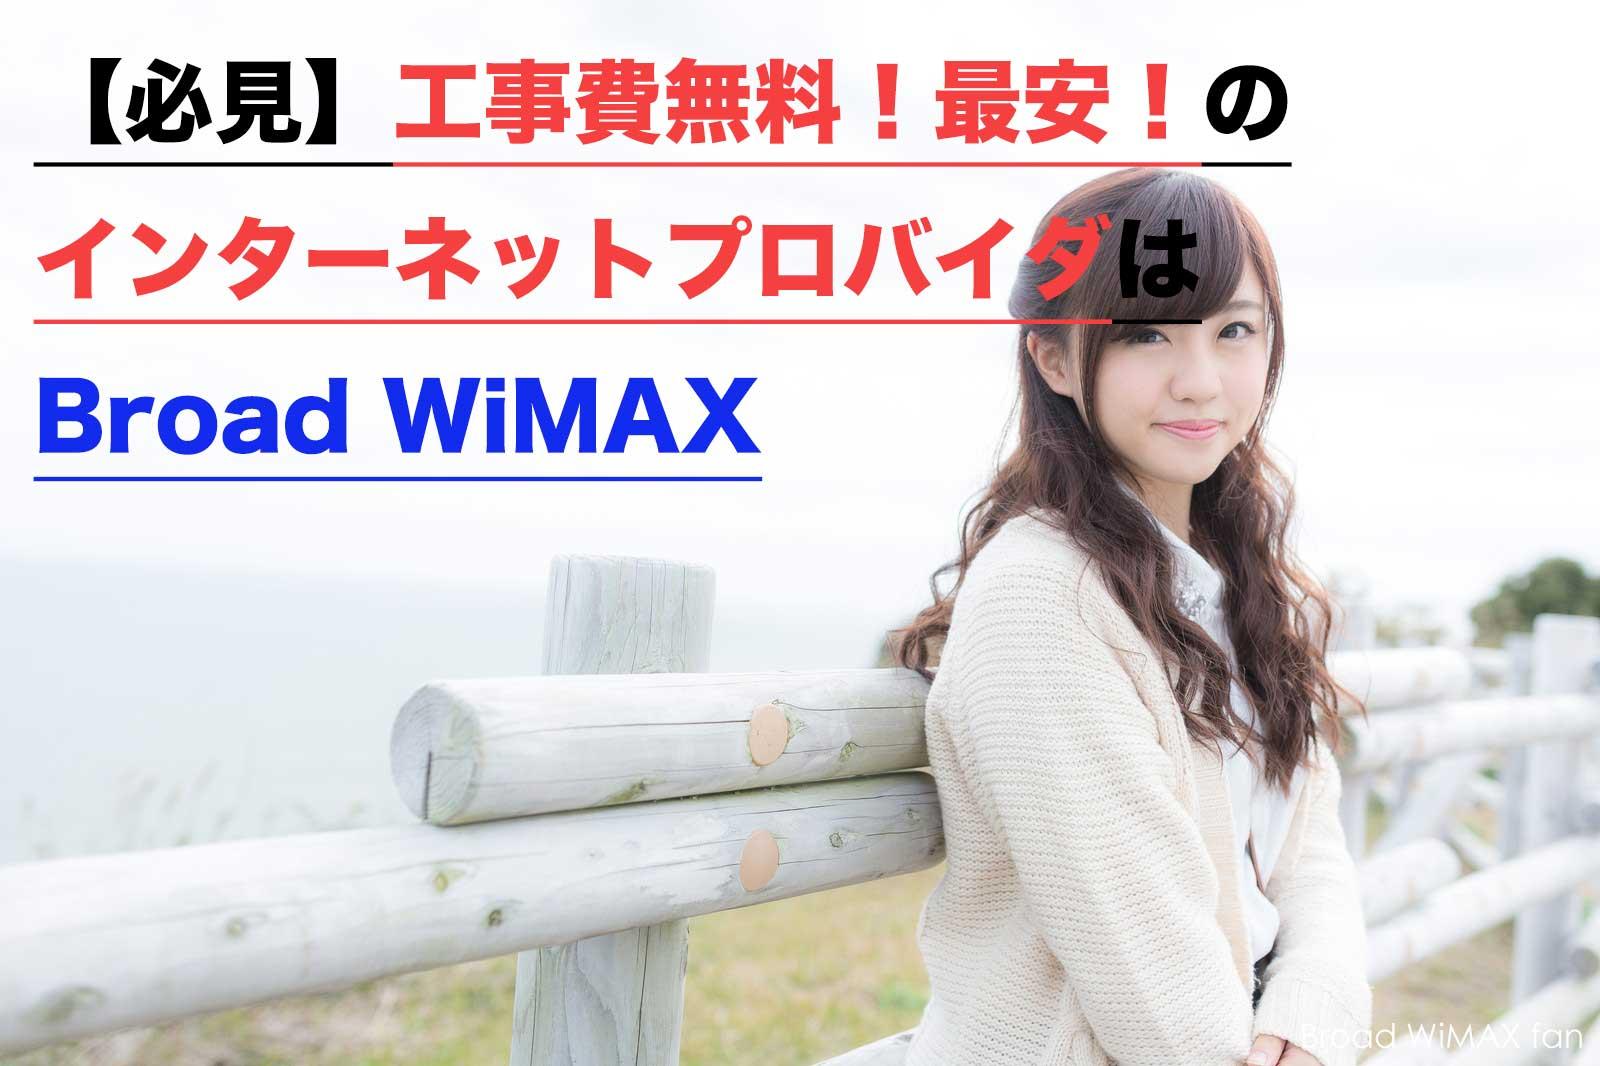 工事費無料の最安インターネットプロバイダはBroad WiMAX